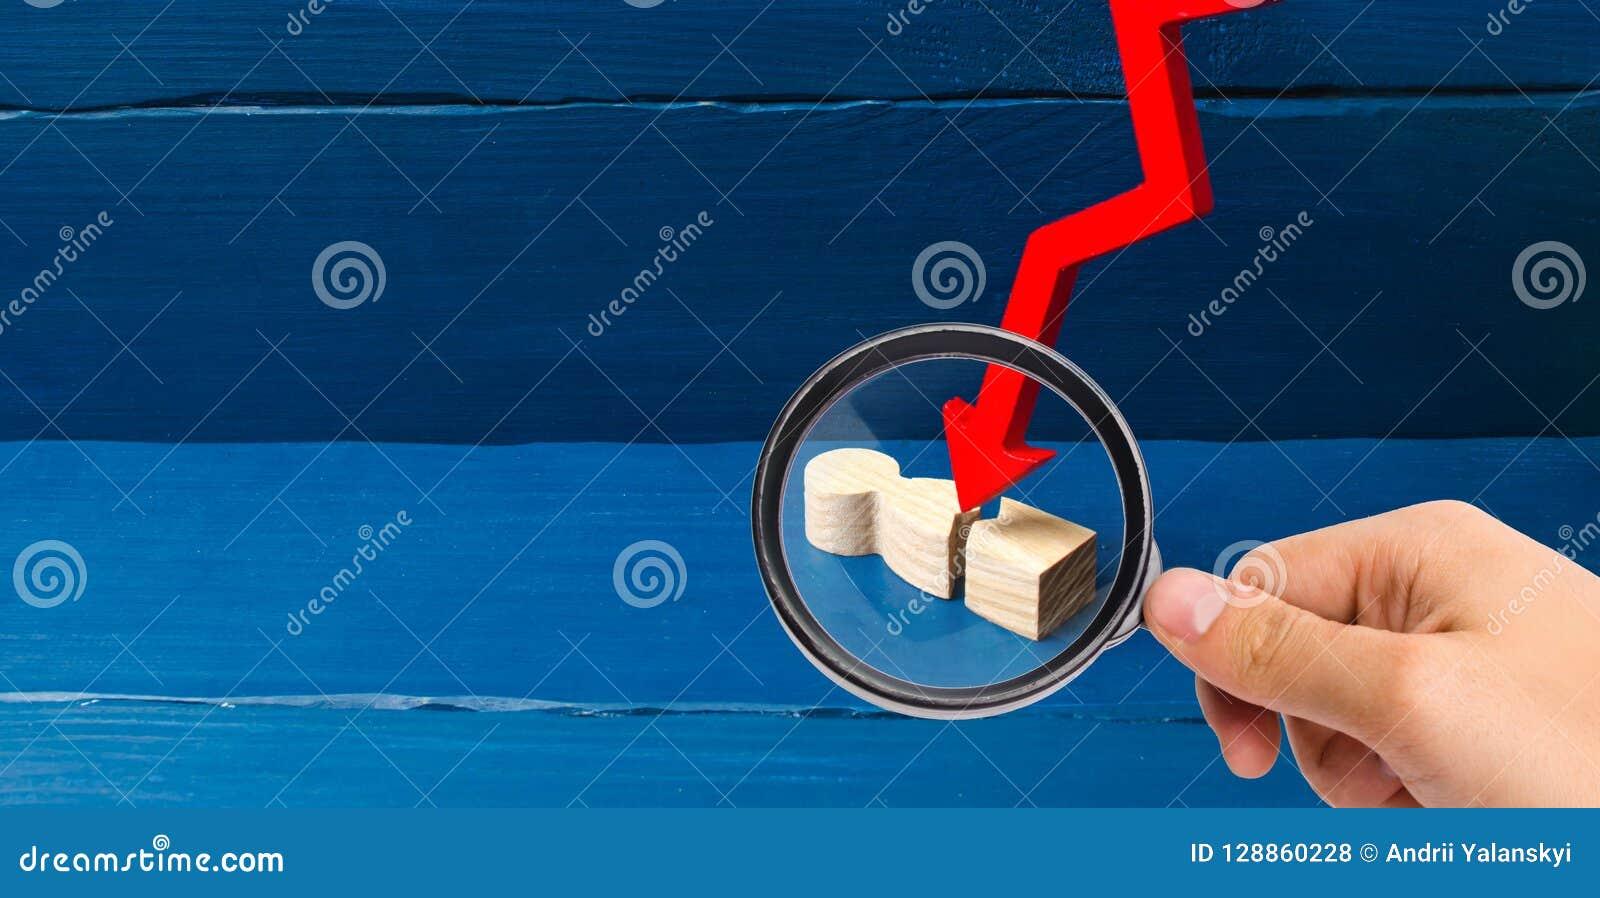 经济危机、下跌的引文和市场的崩溃的受害者 脆弱的人、失败和损失 扩大化的g